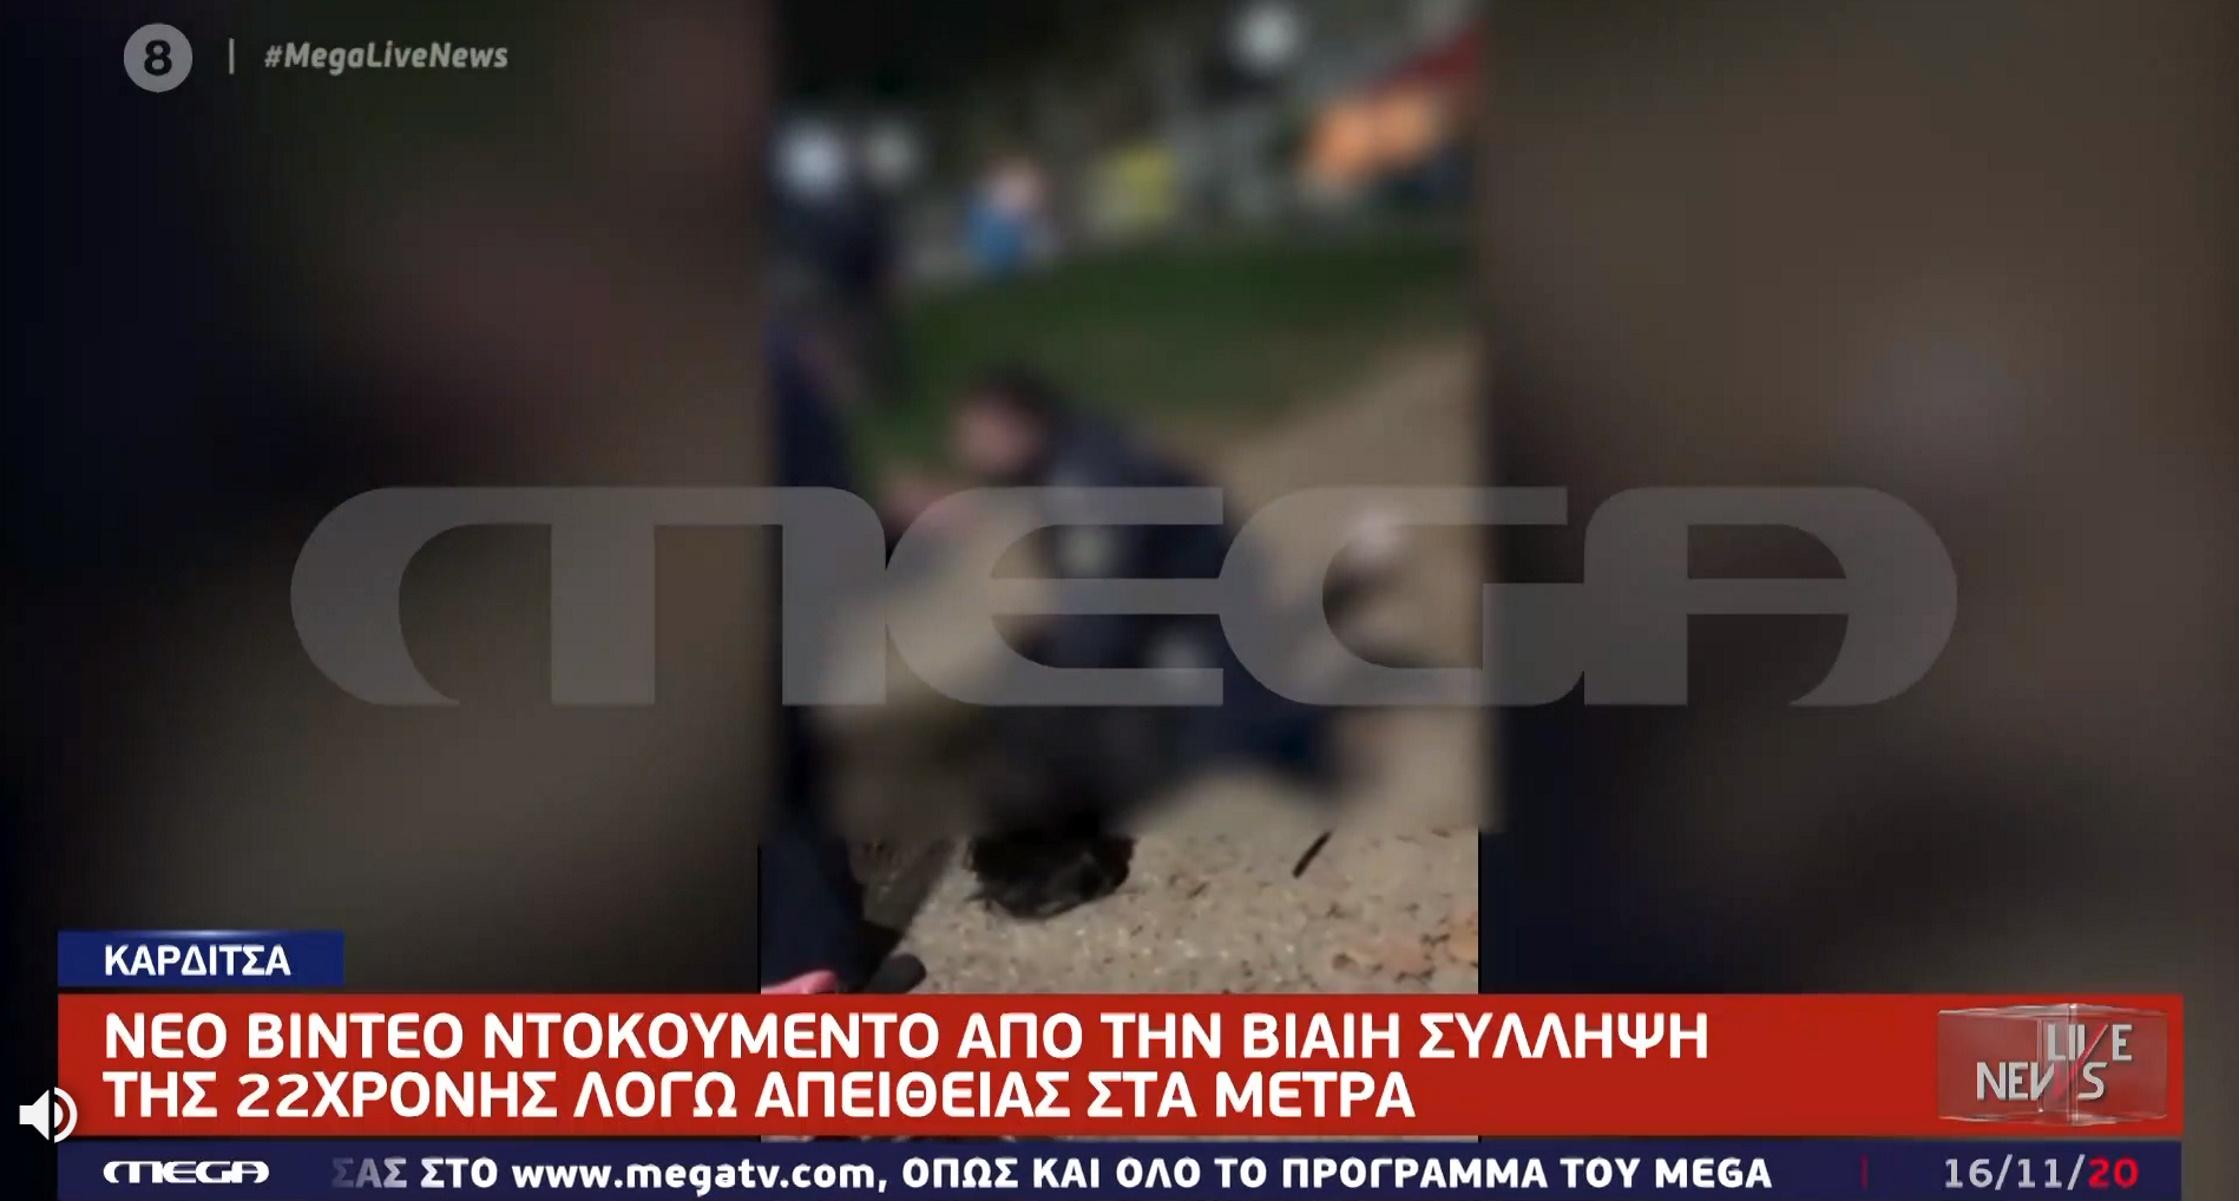 Νέο βίντεο ντοκουμέντο στο Live News για τη βίαιη σύλληψη 22χρονης στην Καρδίτσα